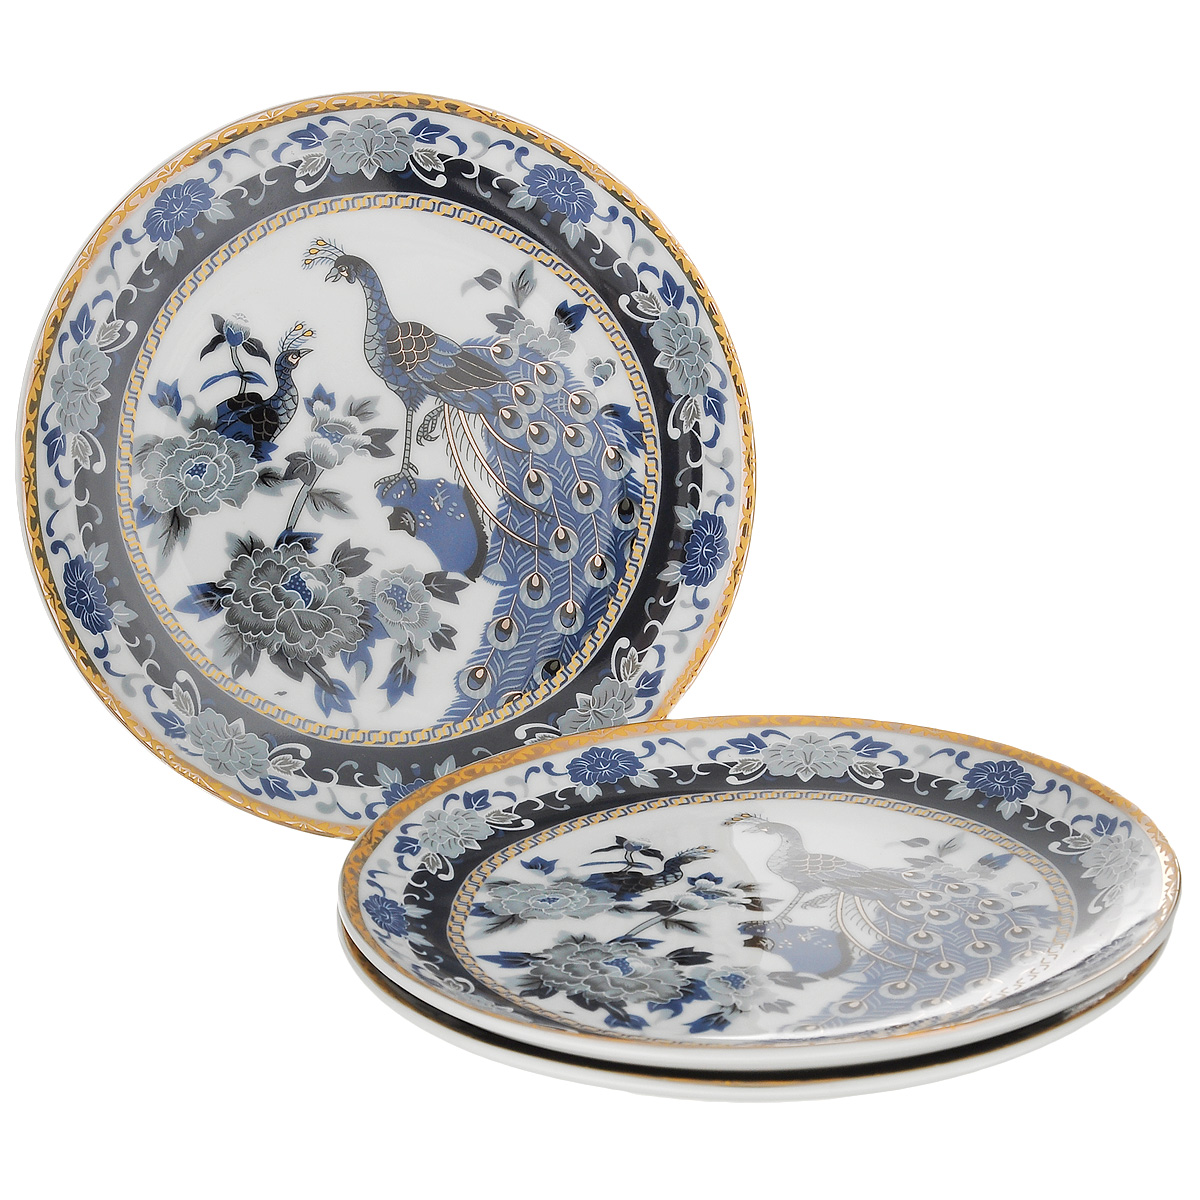 Набор тарелок Saguro Синий павлин, диаметр 18,5 см, 3 шт545-758Набор Saguro Синий павлин состоит из трех тарелок, изготовленных из фарфора. Изделия оформлены золотой каемкой и изображением павлинов и цветов.Такие тарелки сочетают в себе изысканный дизайн с максимальной функциональностью. Красочность оформления придется по вкусу тем, кто предпочитает классику и утонченность. Оригинальные тарелки украсят сервировку вашего стола и подчеркнут прекрасный вкус хозяйки, а также станут отличным подарком. Не использовать в микроволновой печи. Не применять абразивные чистящие вещества.Диаметр тарелки: 18,5 см.